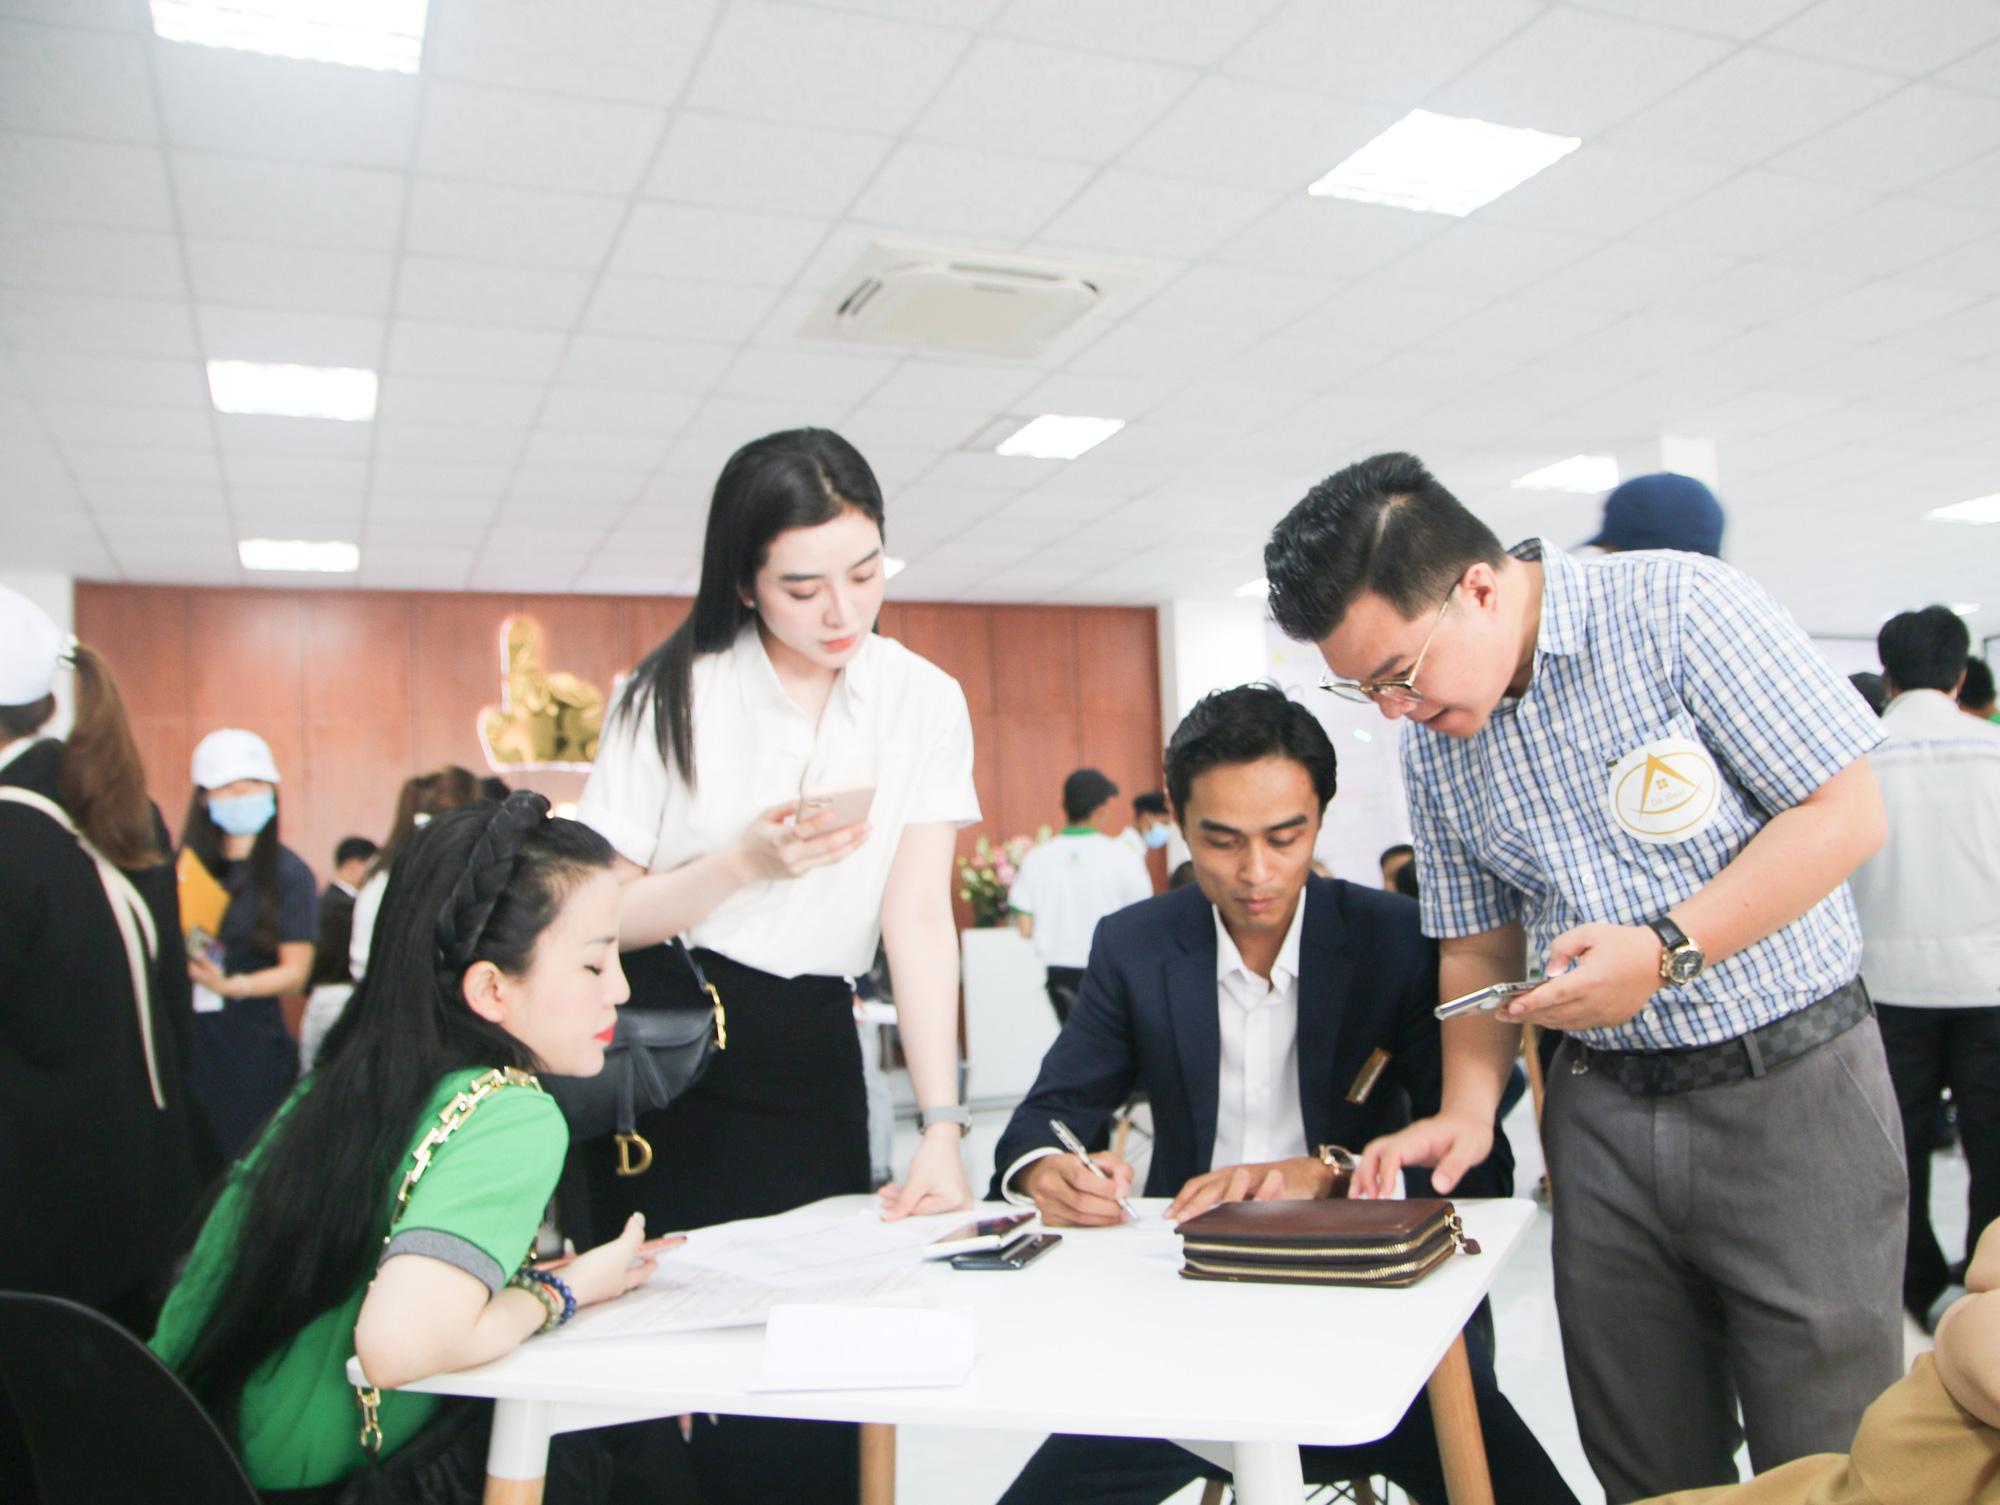 Tập đoàn FVG chính thức ra mắt nhà đầu tư dự án Vịnh An Hòa - Ảnh 2.